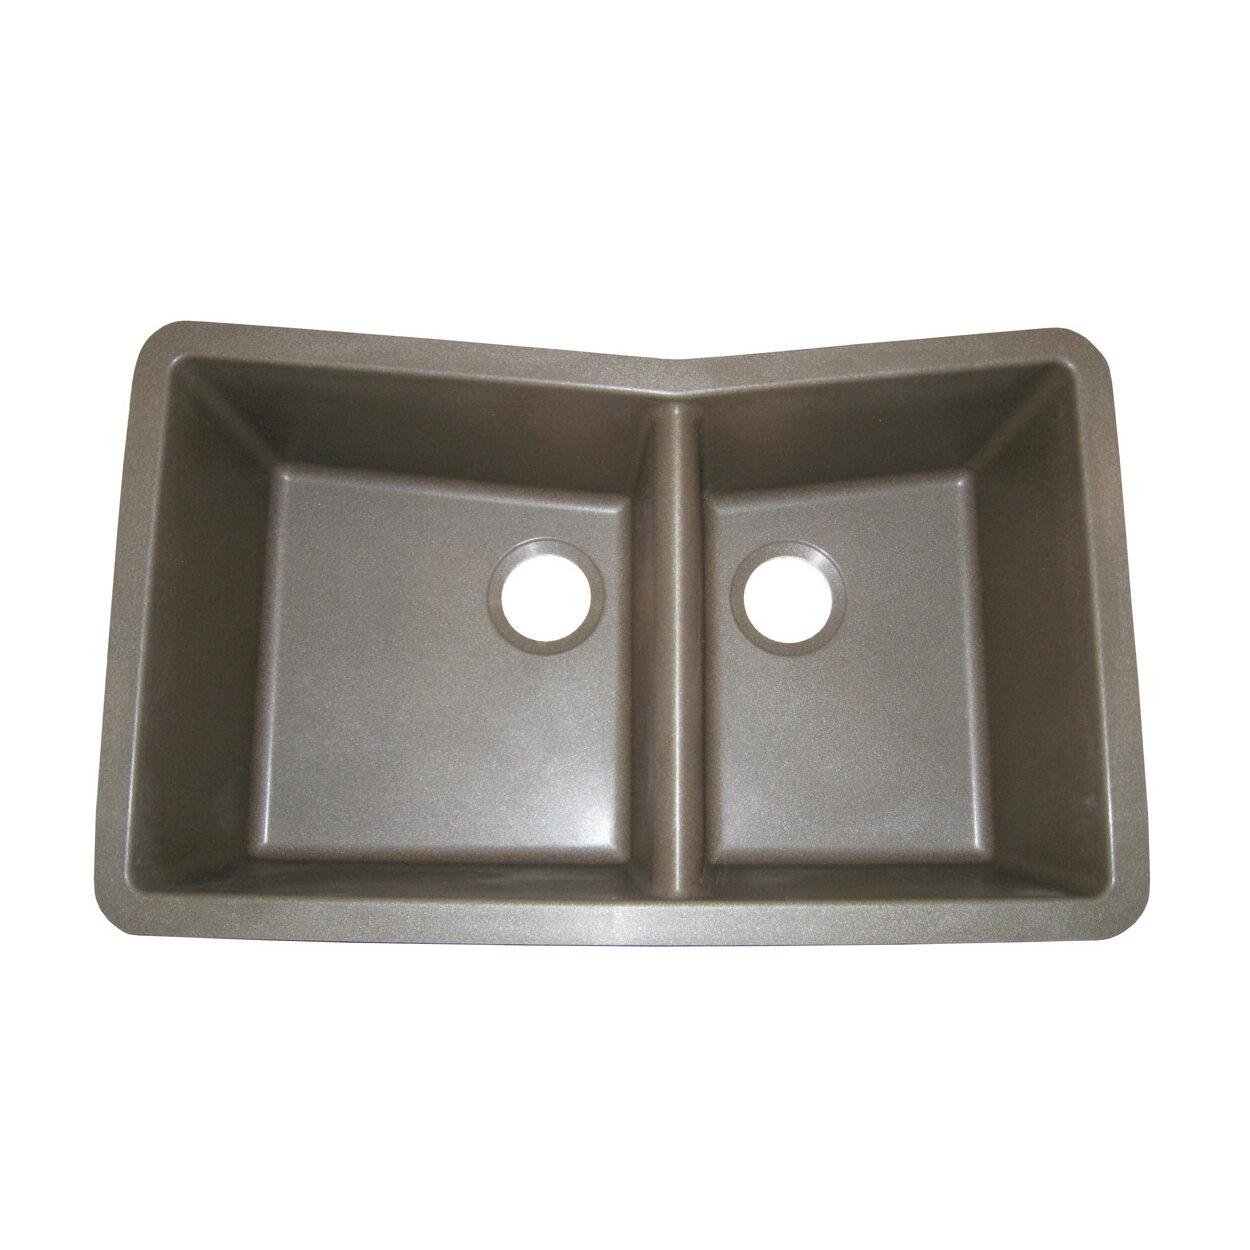 Granite Sink Manufacturers : ... 32.5